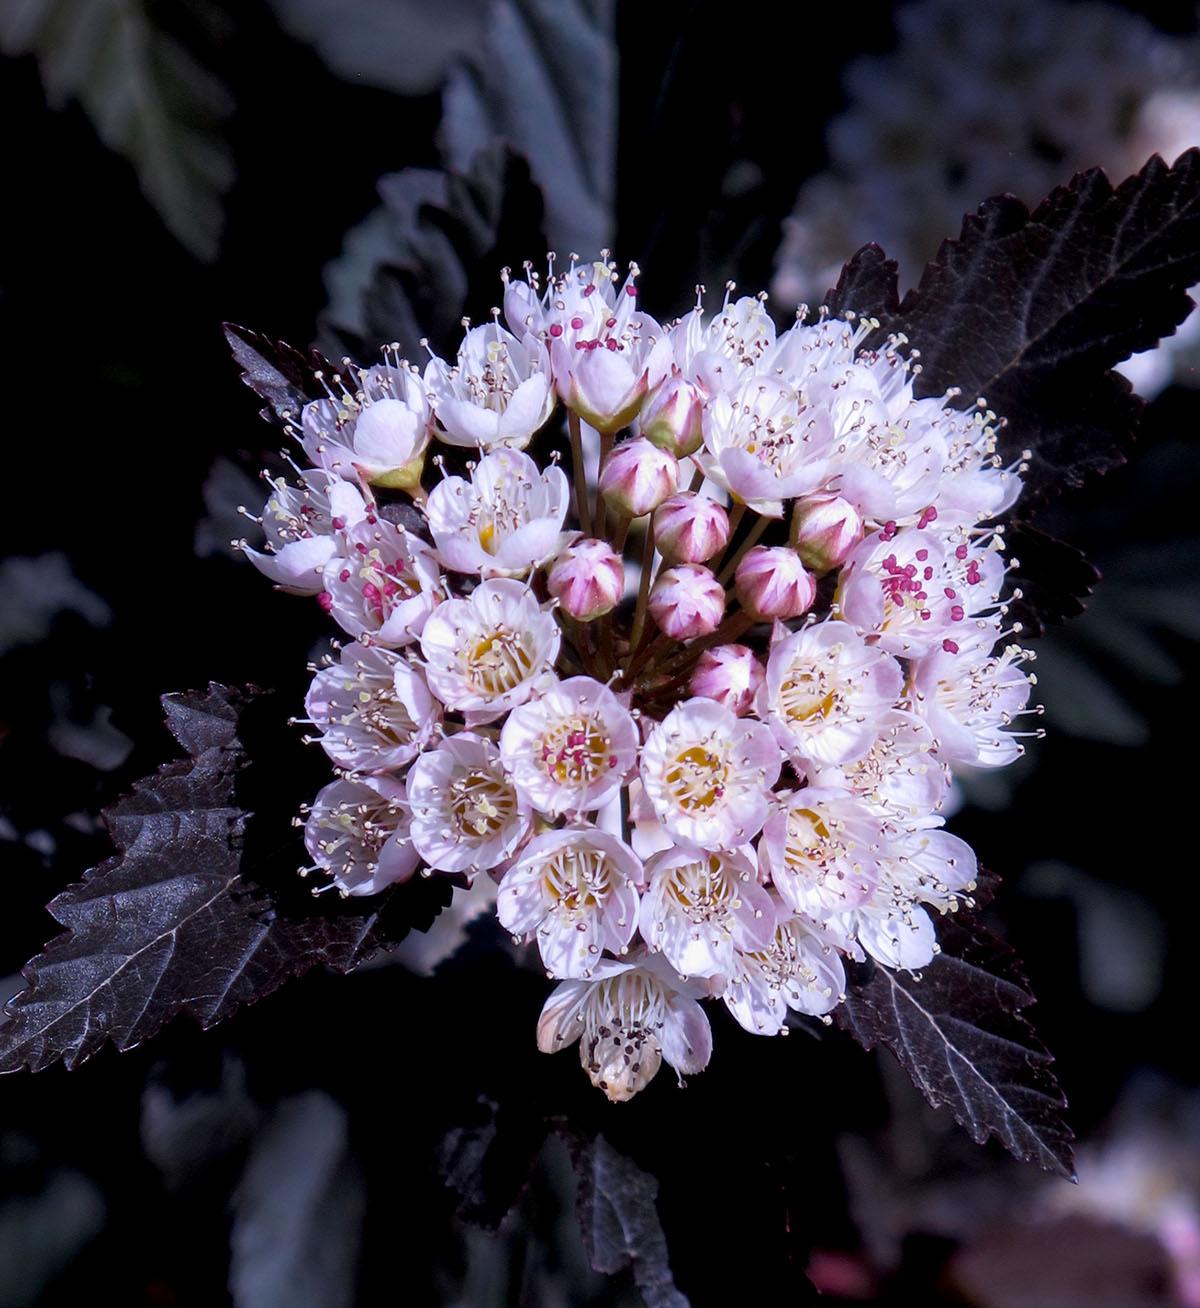 Physocarpus opulifolius Seward 27